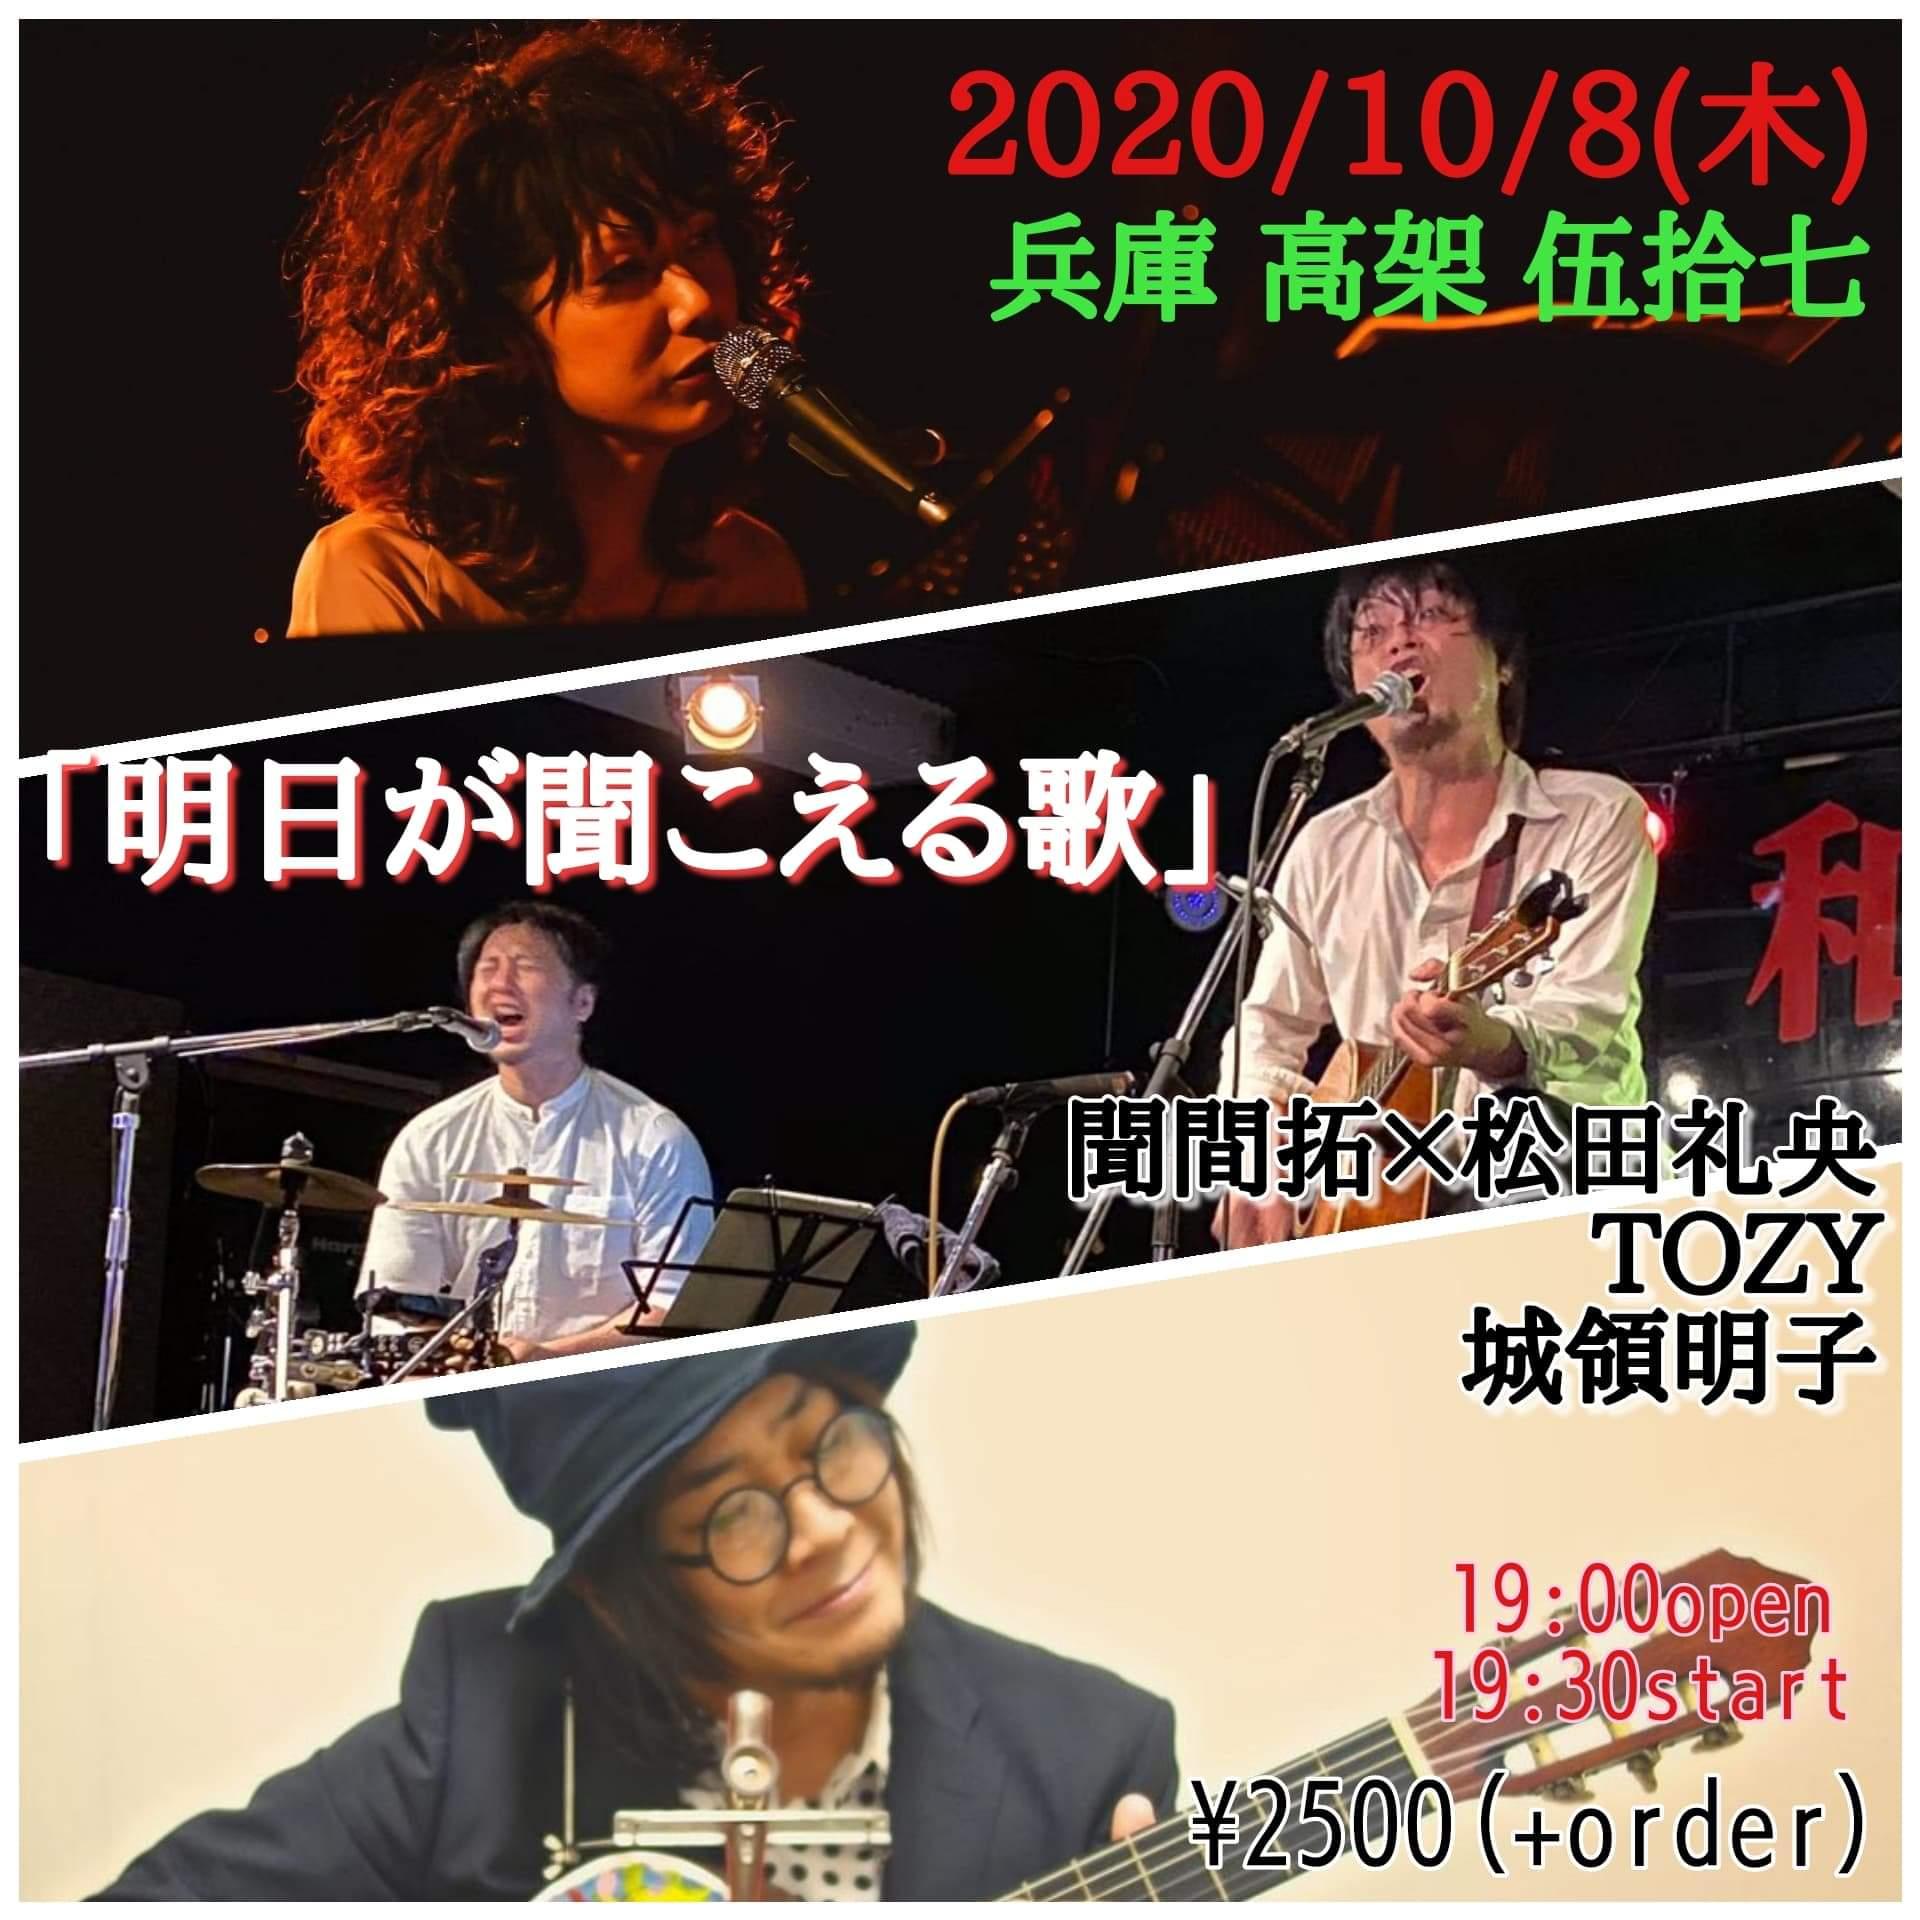 「明日が聞こえる歌」 TOZY  城領明子  聞間拓×松田礼央  19時開場